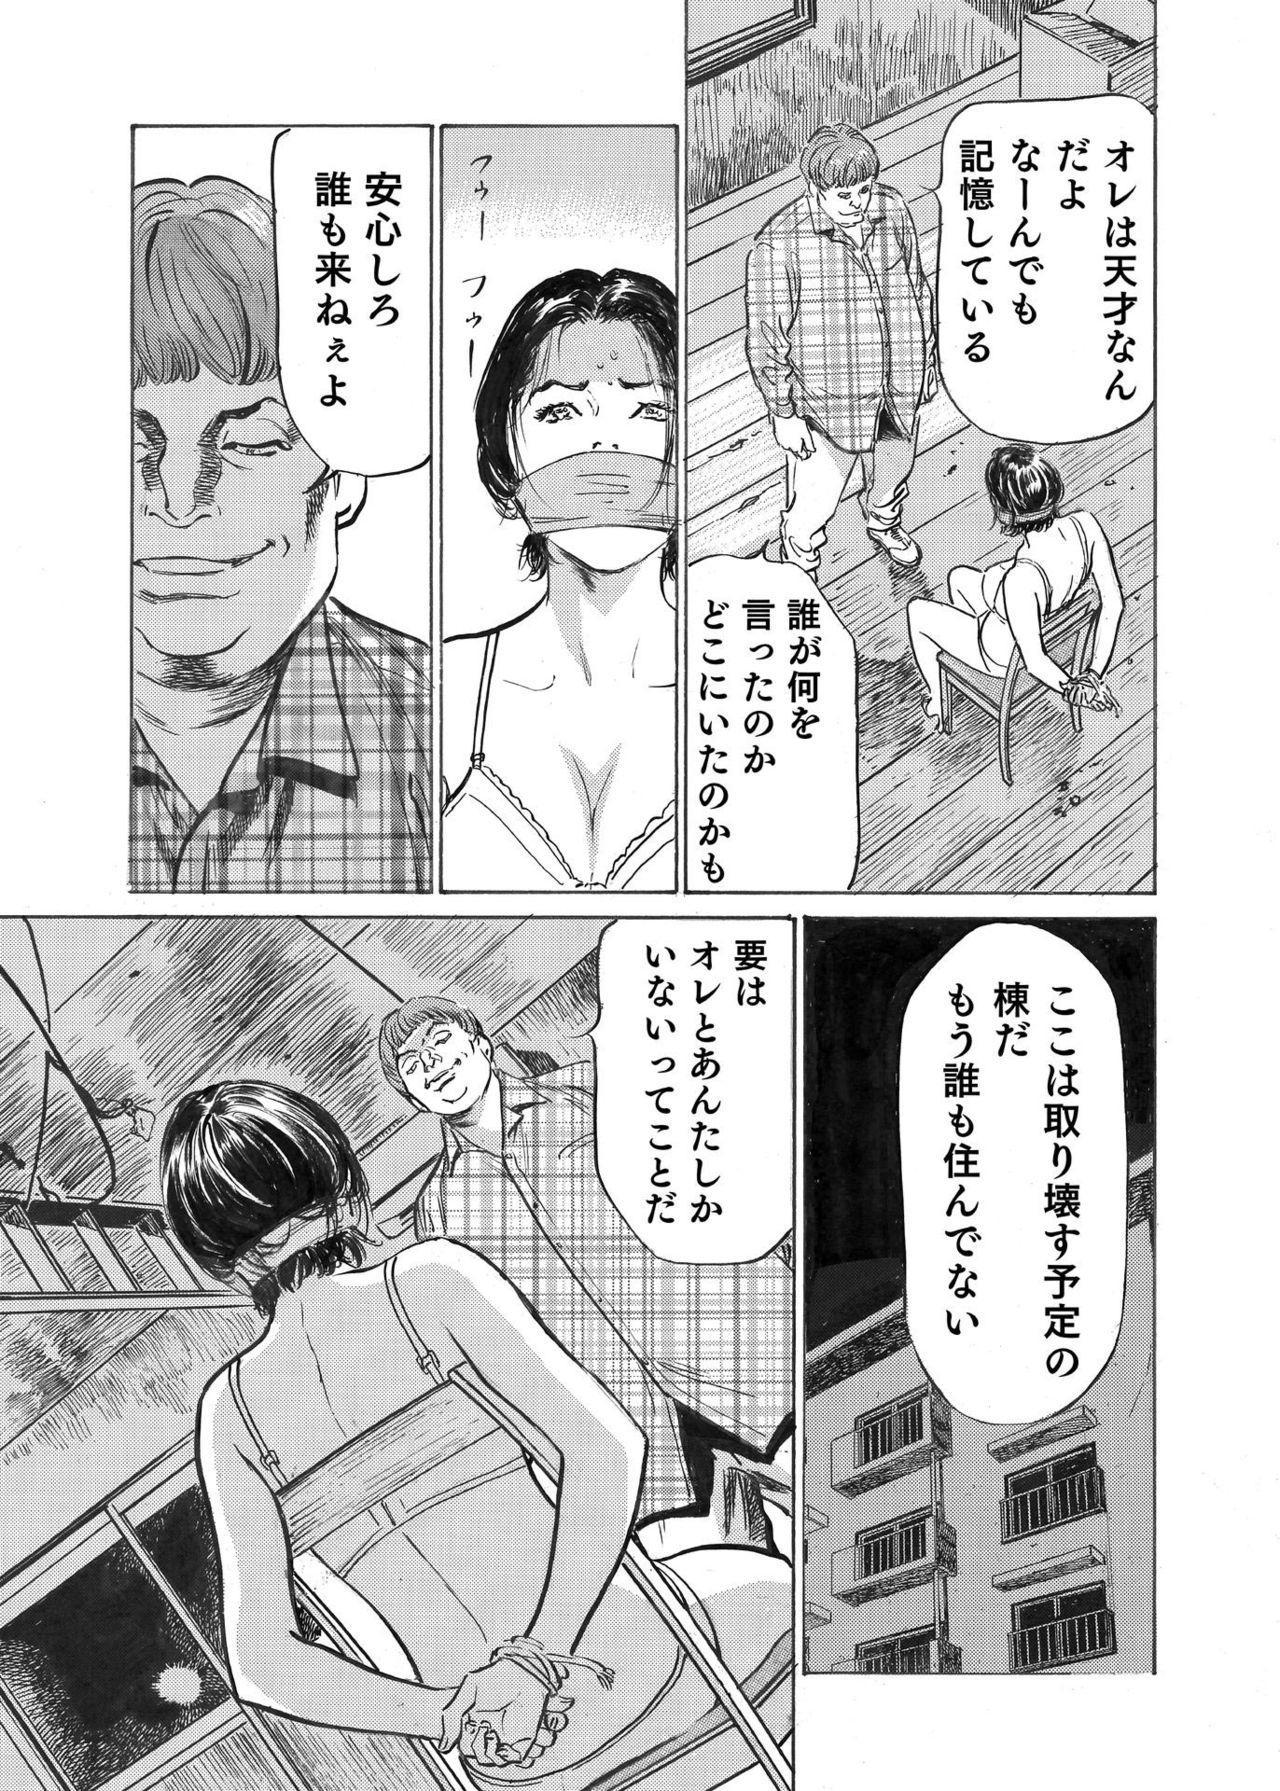 Ore wa Tsuma no Koto o Yoku Shiranai 1-9 180